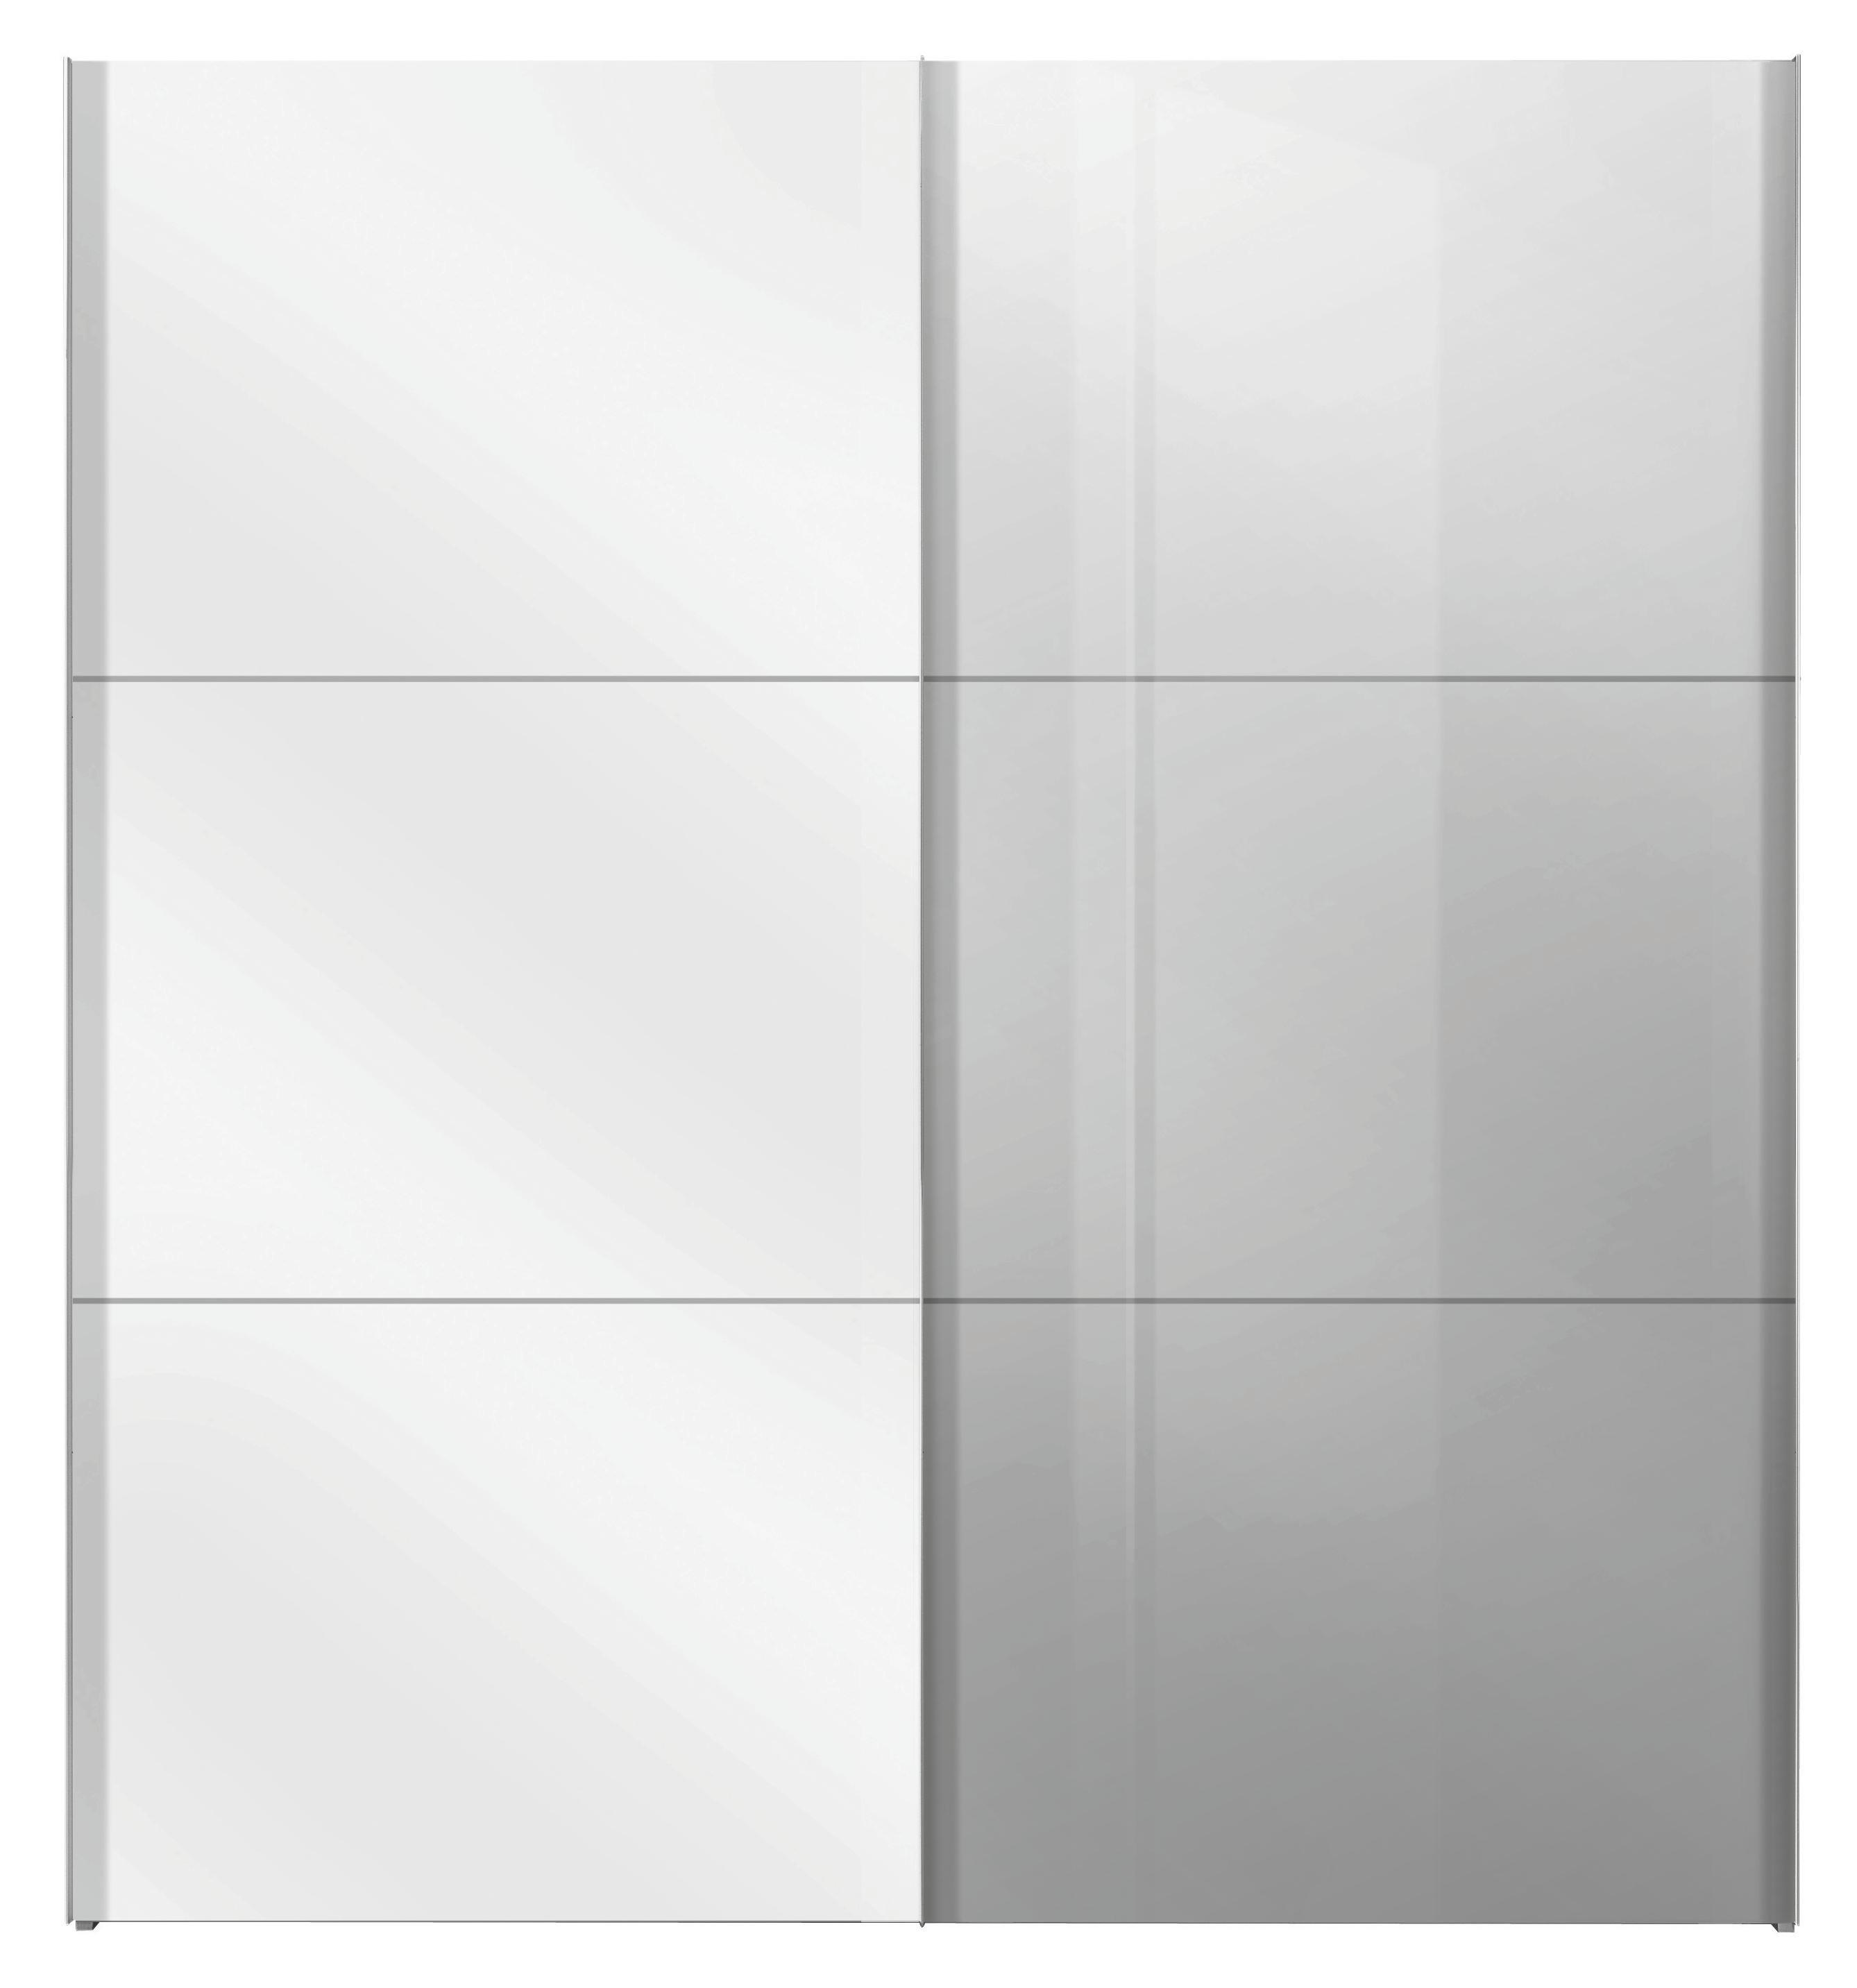 Schwebetürenschrank weiß mit spiegel  Schwebetürenschrank in Weiß mit Spiegel online kaufen ➤ mömax